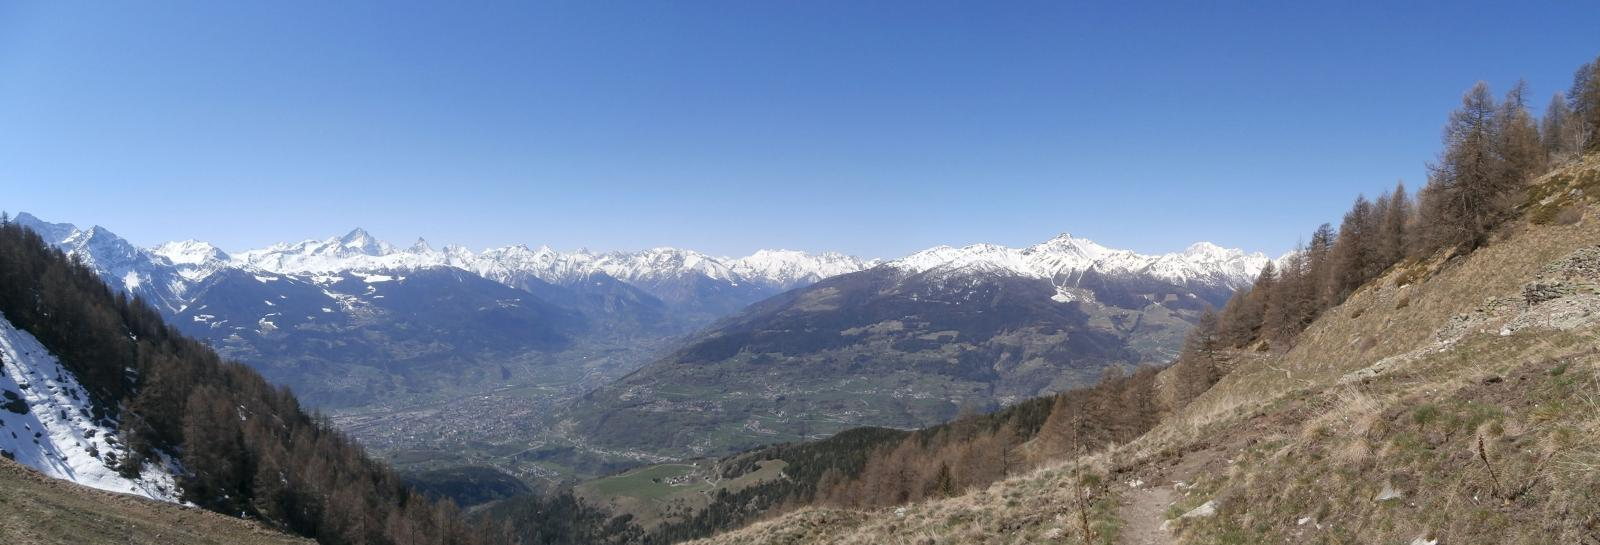 panrama sulla valle centrale con Aosta  e  sulla catena montuosa dal Gran Paradiso al Monte Bianco...